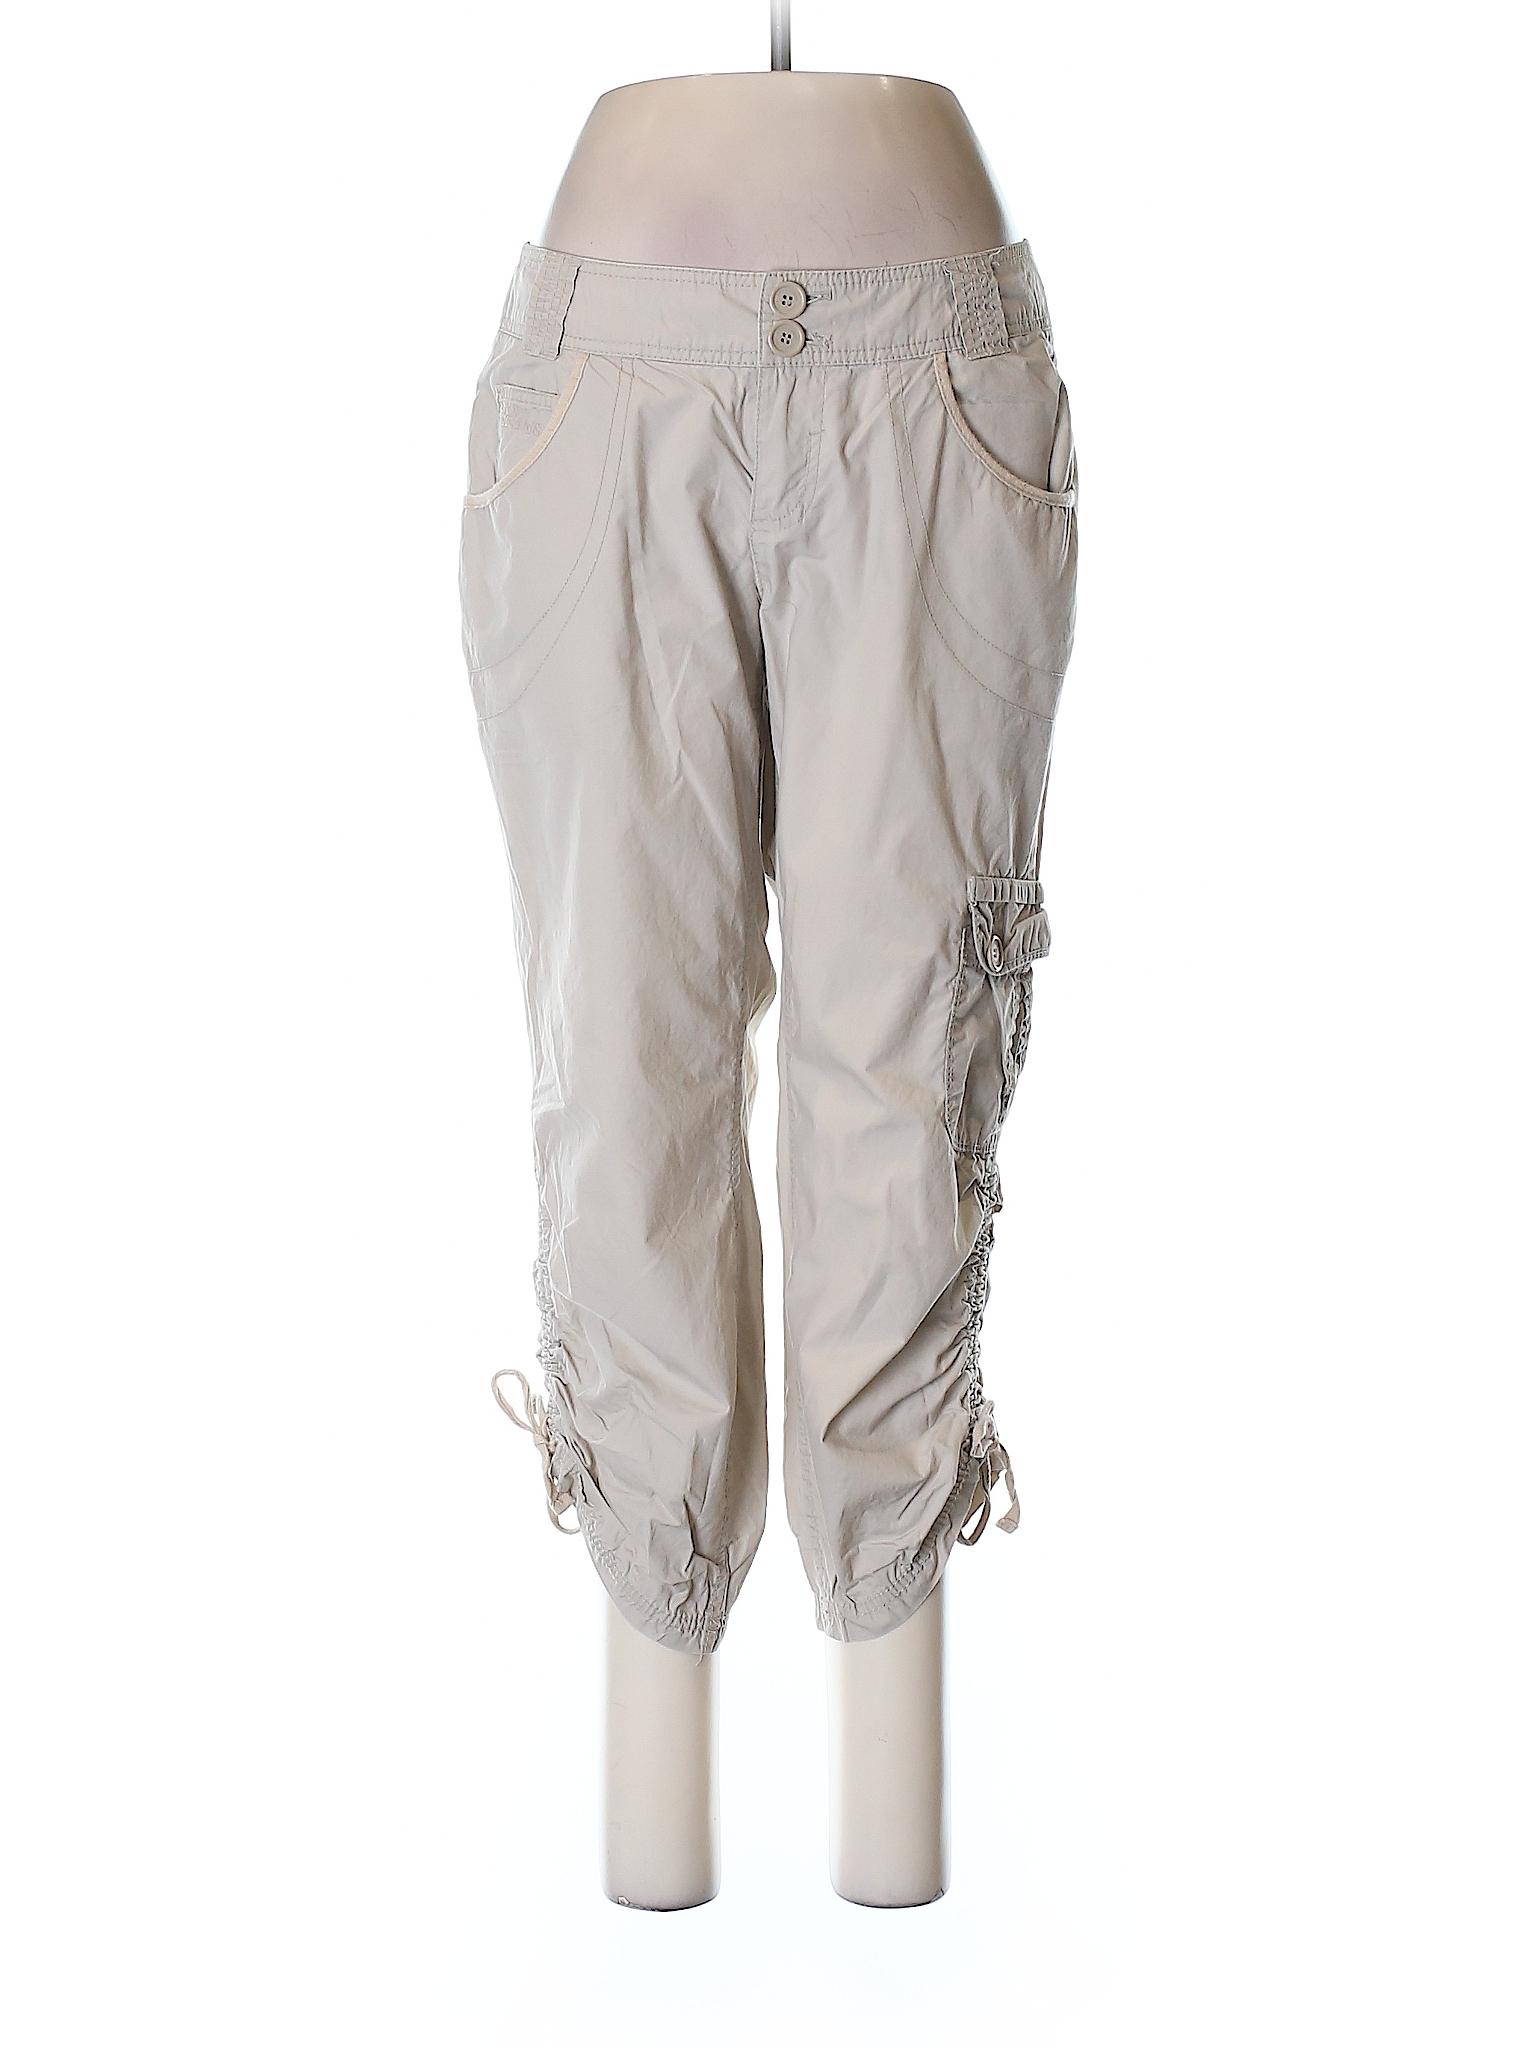 Boutique DKNY leisure Boutique Cargo Pants Boutique leisure DKNY Cargo leisure Pants W8Aw4YqZY